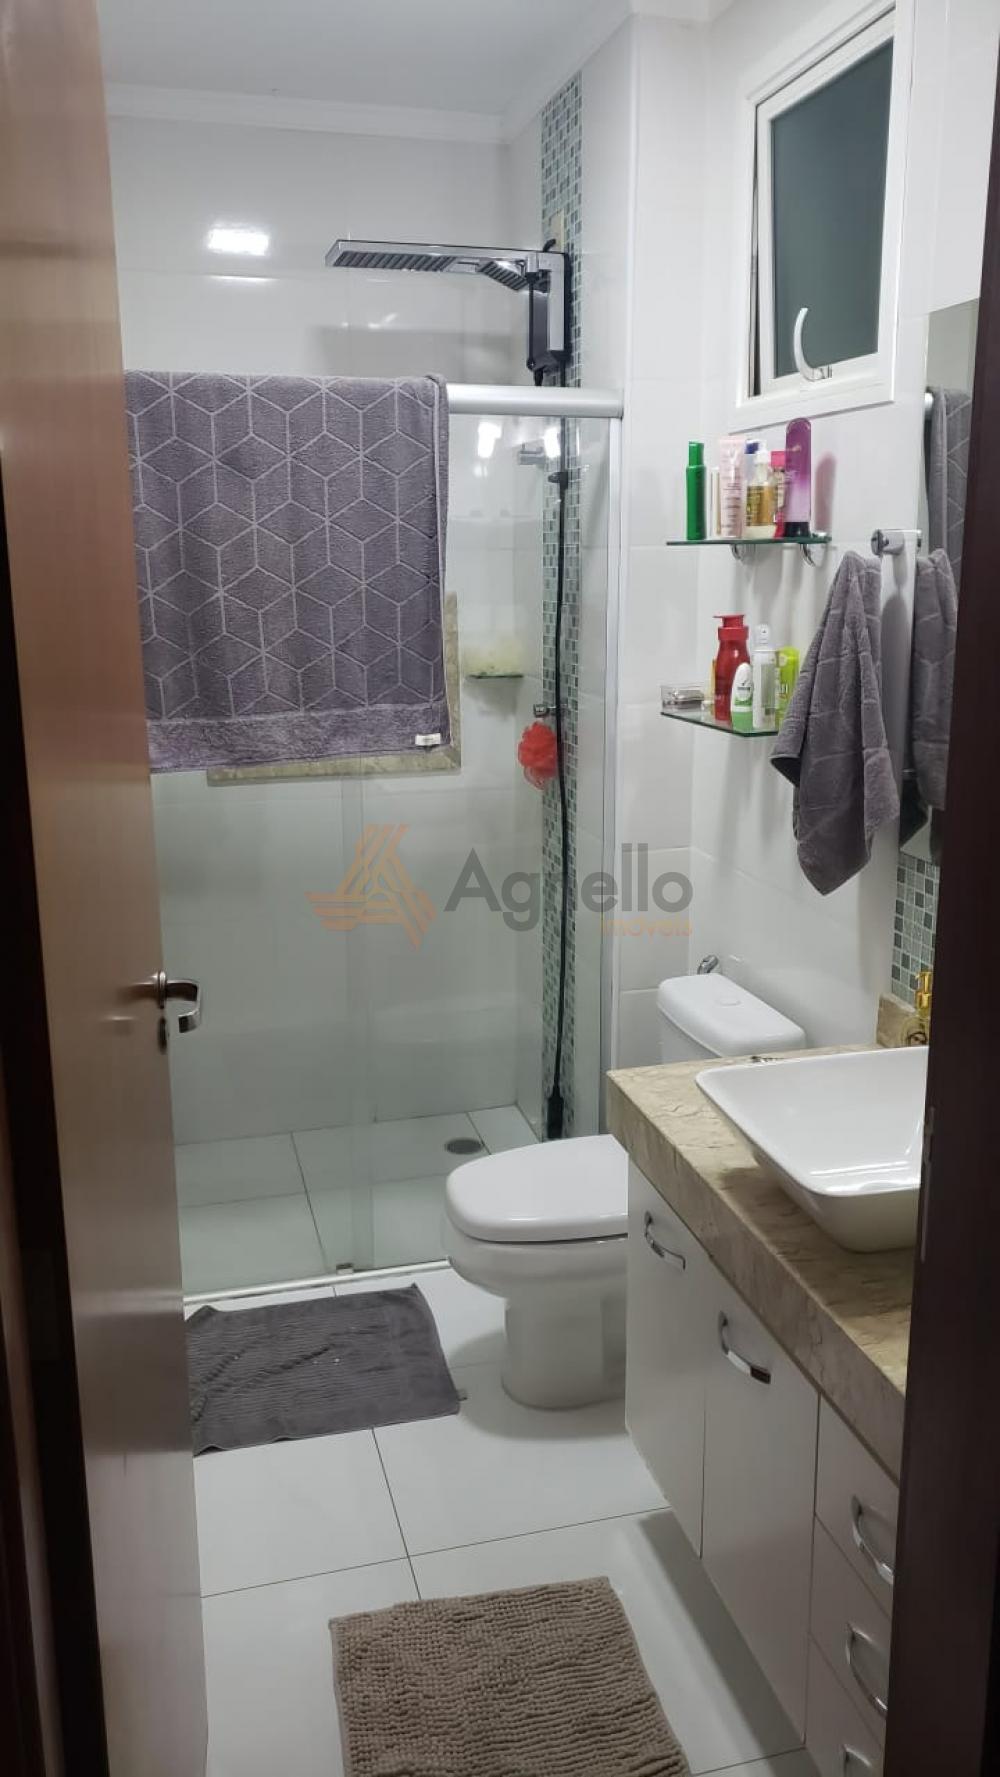 Comprar Apartamento / Padrão em Franca R$ 690.000,00 - Foto 13